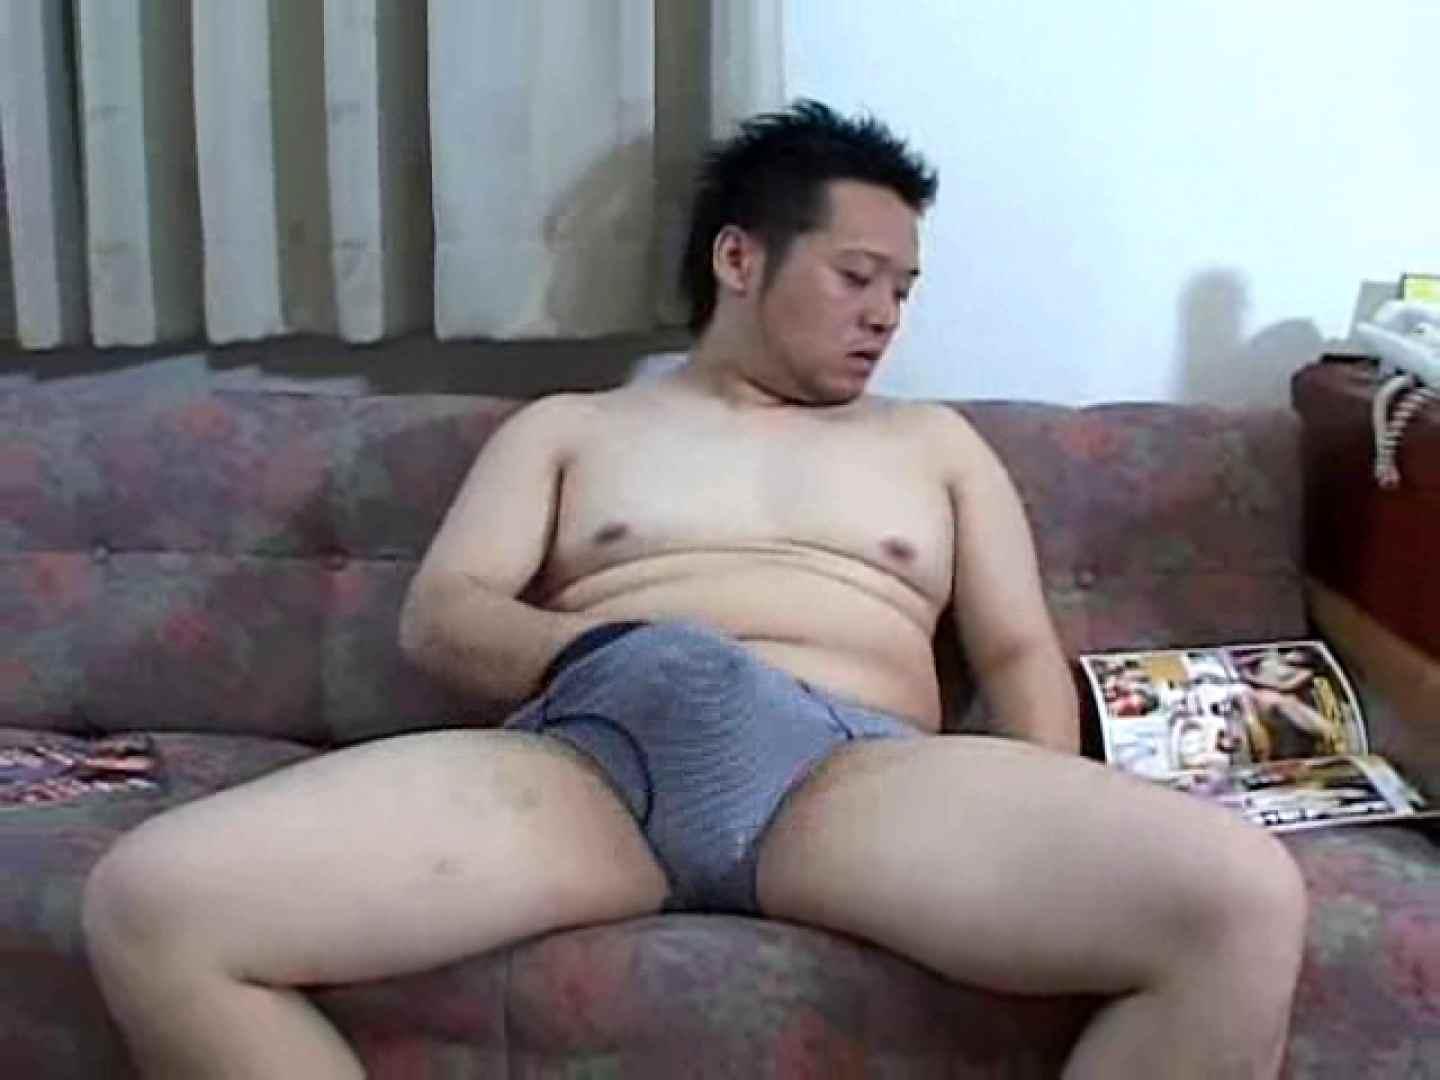 イケメンポッチャリな男の子の自慰行為 男天国 | 超薄消し  68pic 25